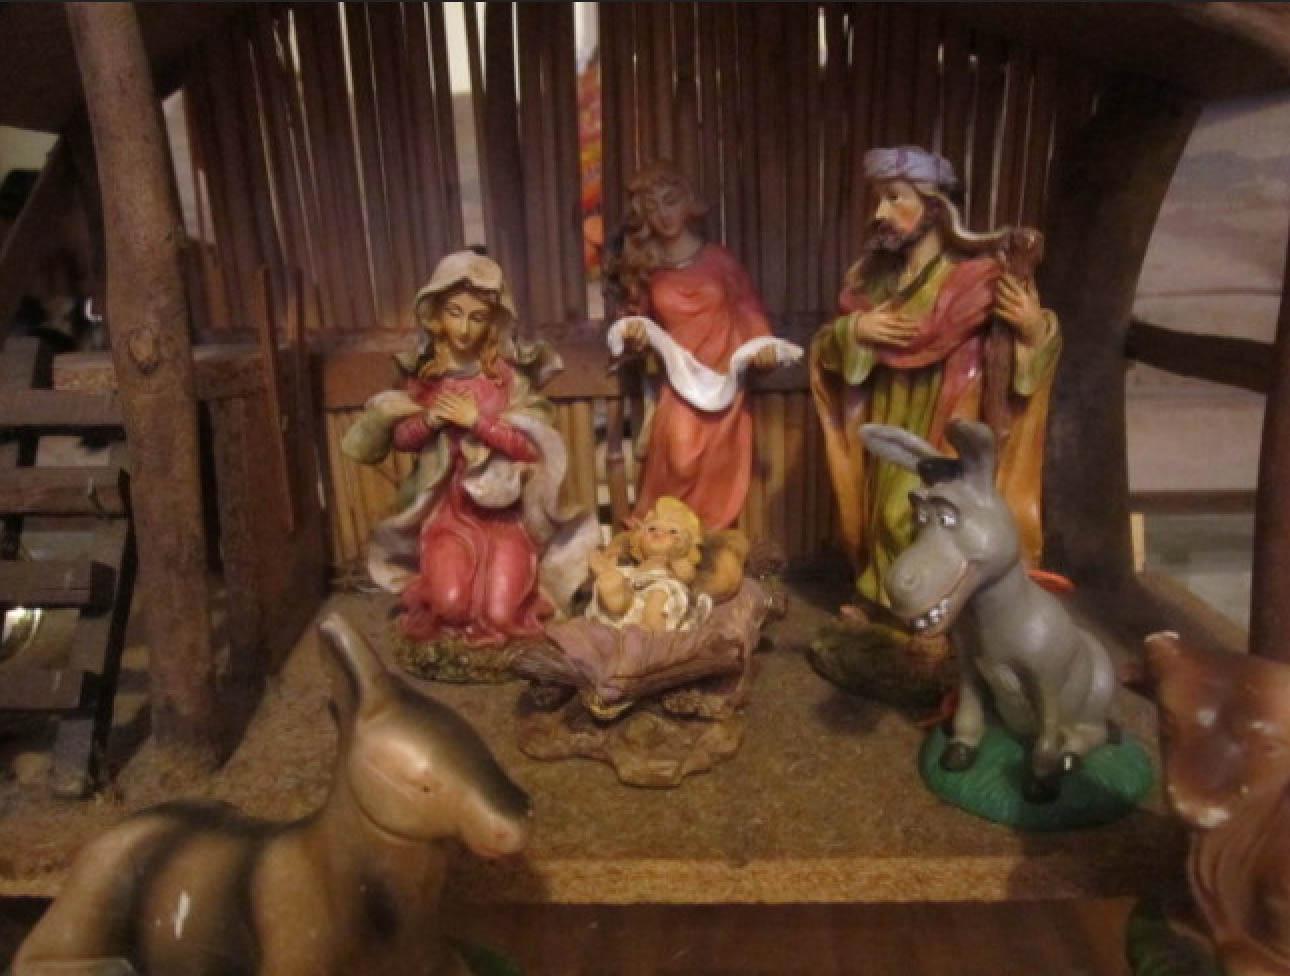 Inappropriate nativity scene #7